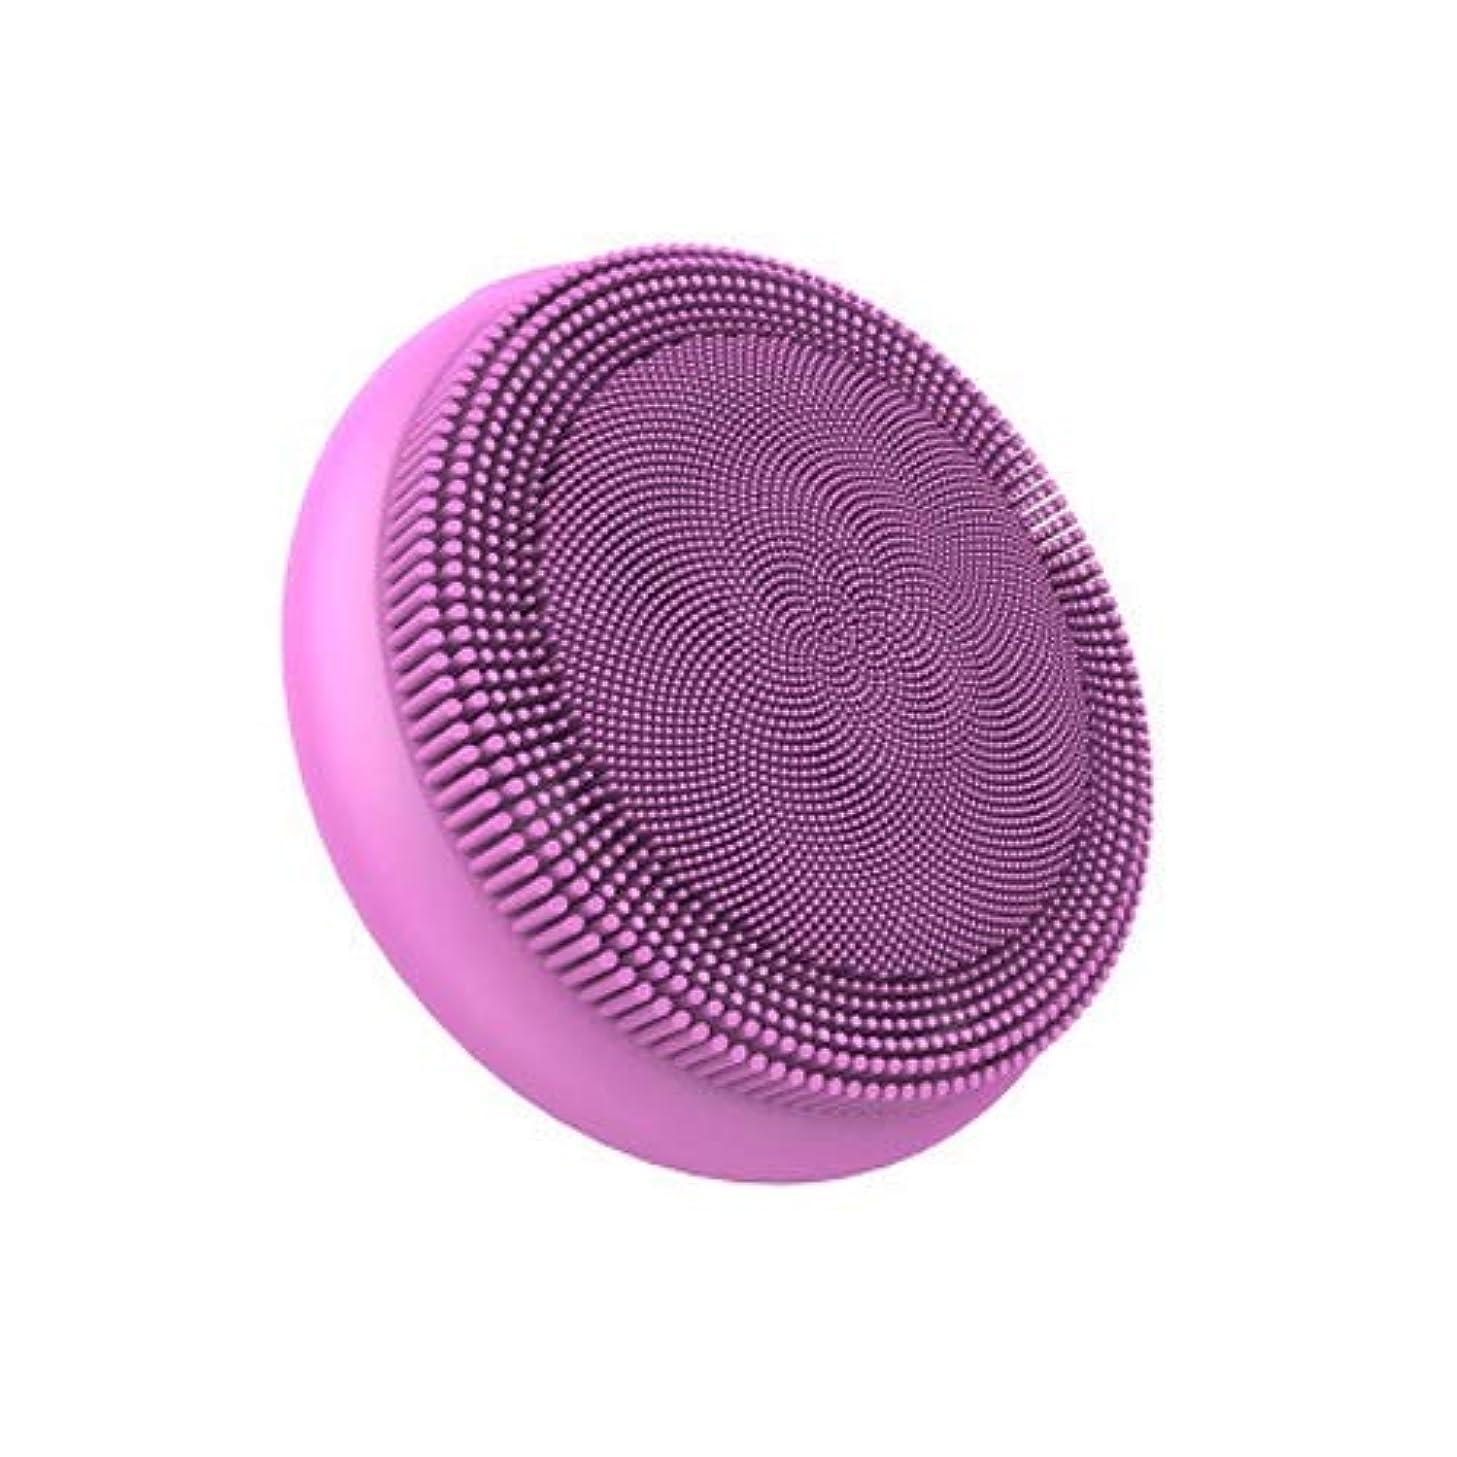 調べる直感夜明けにLYX エレクトリックシリコーンソニッククレンジングブラシ、ブラックヘッドクレンジングバックル付き機器およびUSB、エクスフォリエイティング、ディープクリーニングツール (Color : ピンク)